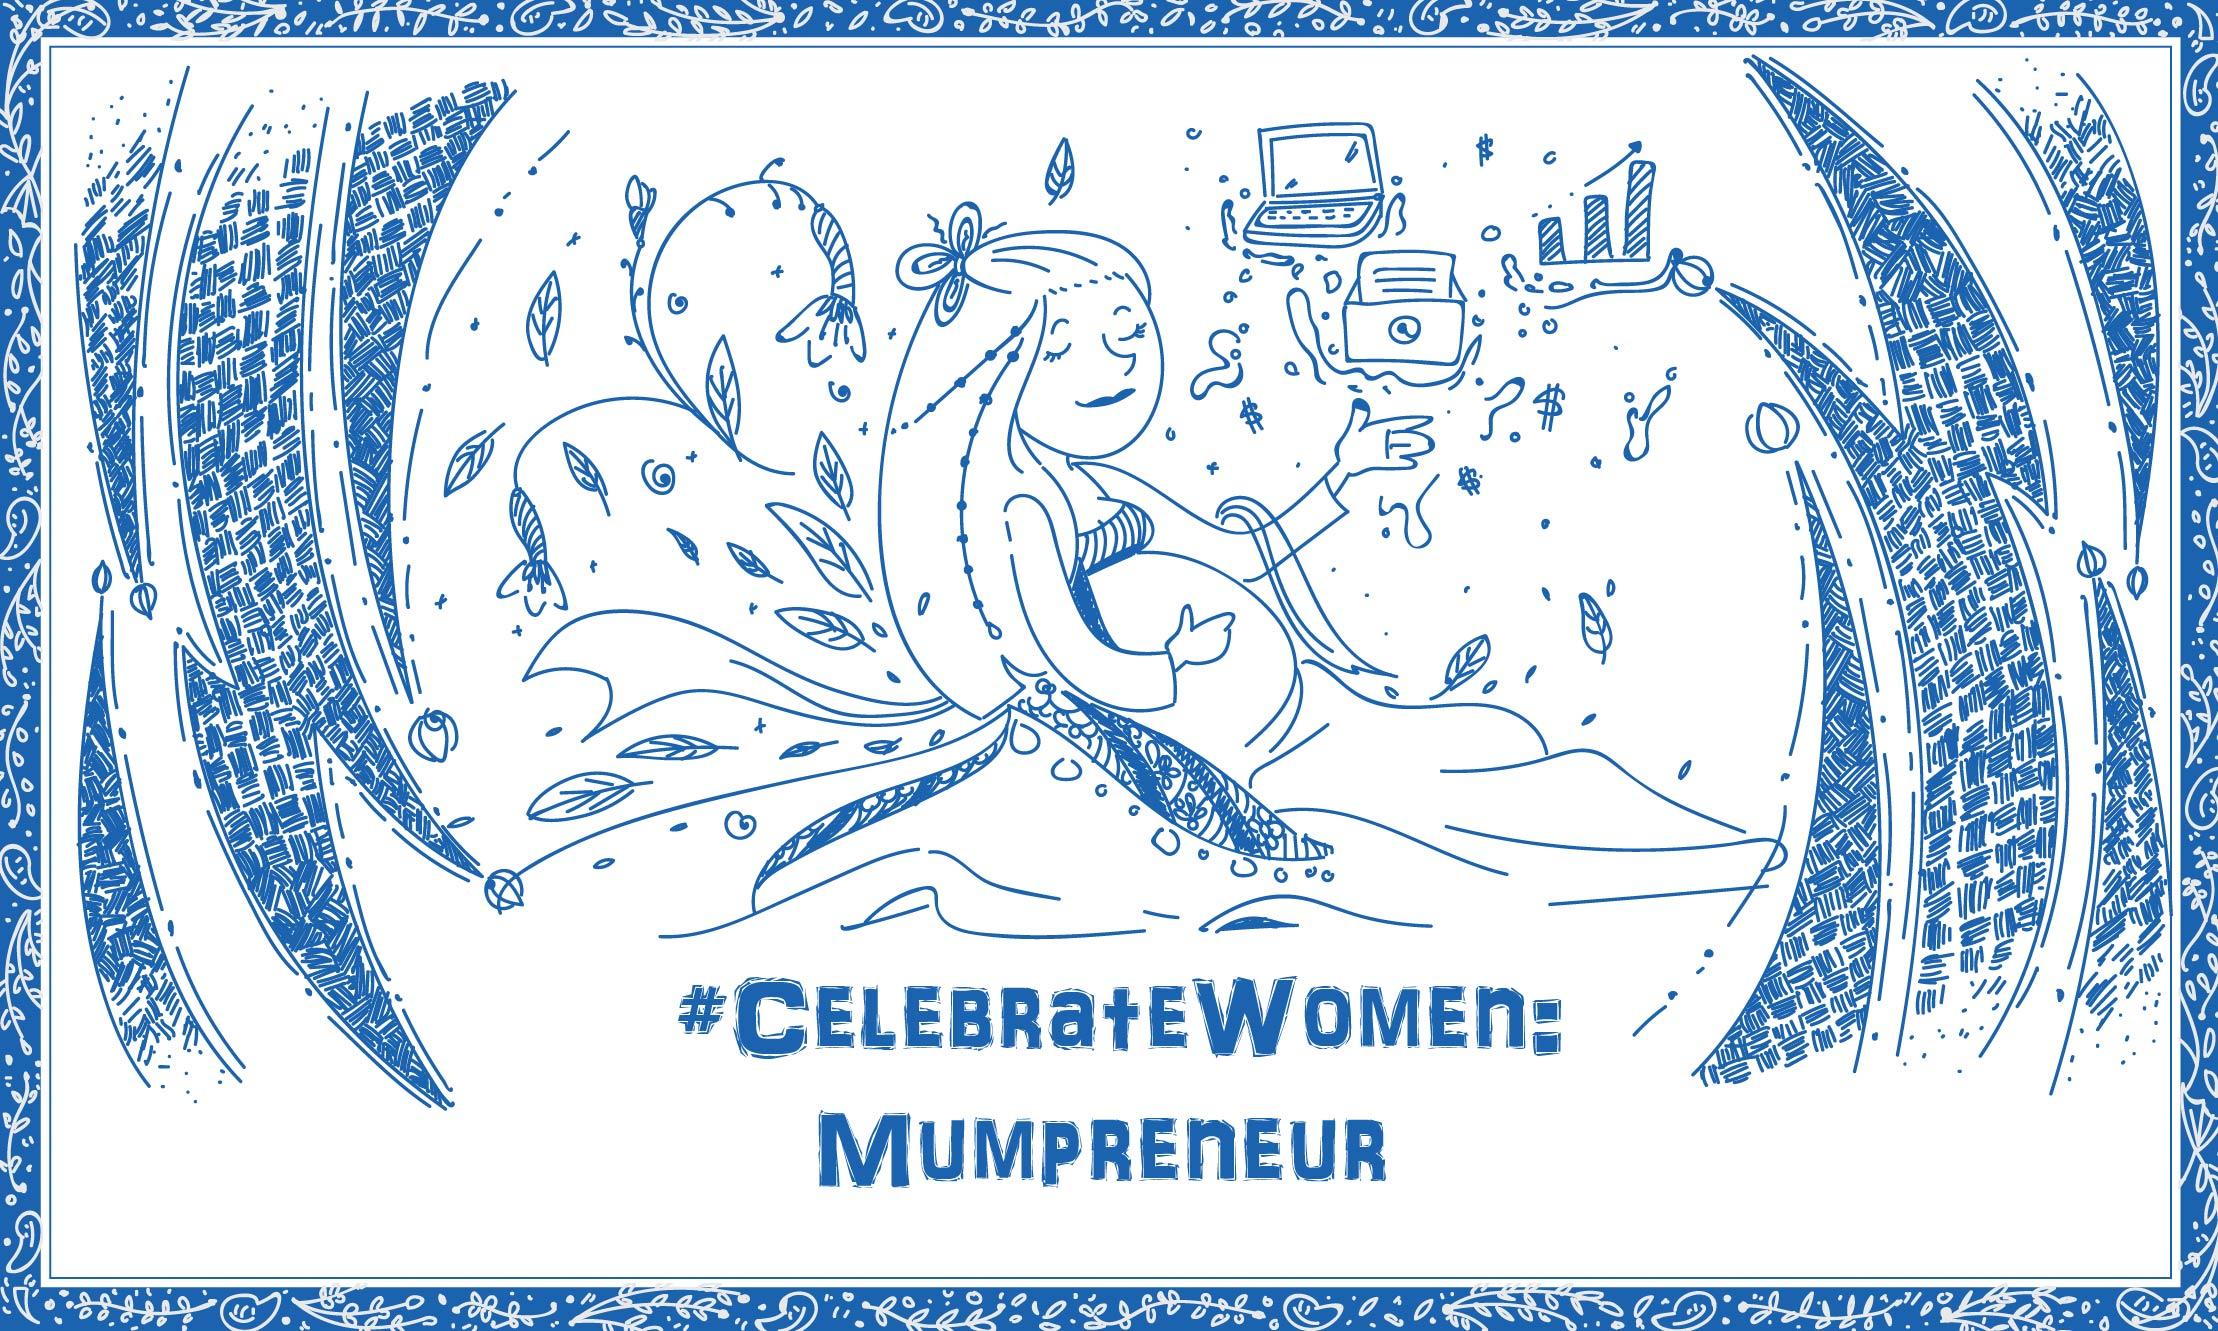 #CelebrateWomen: Mumpreneur